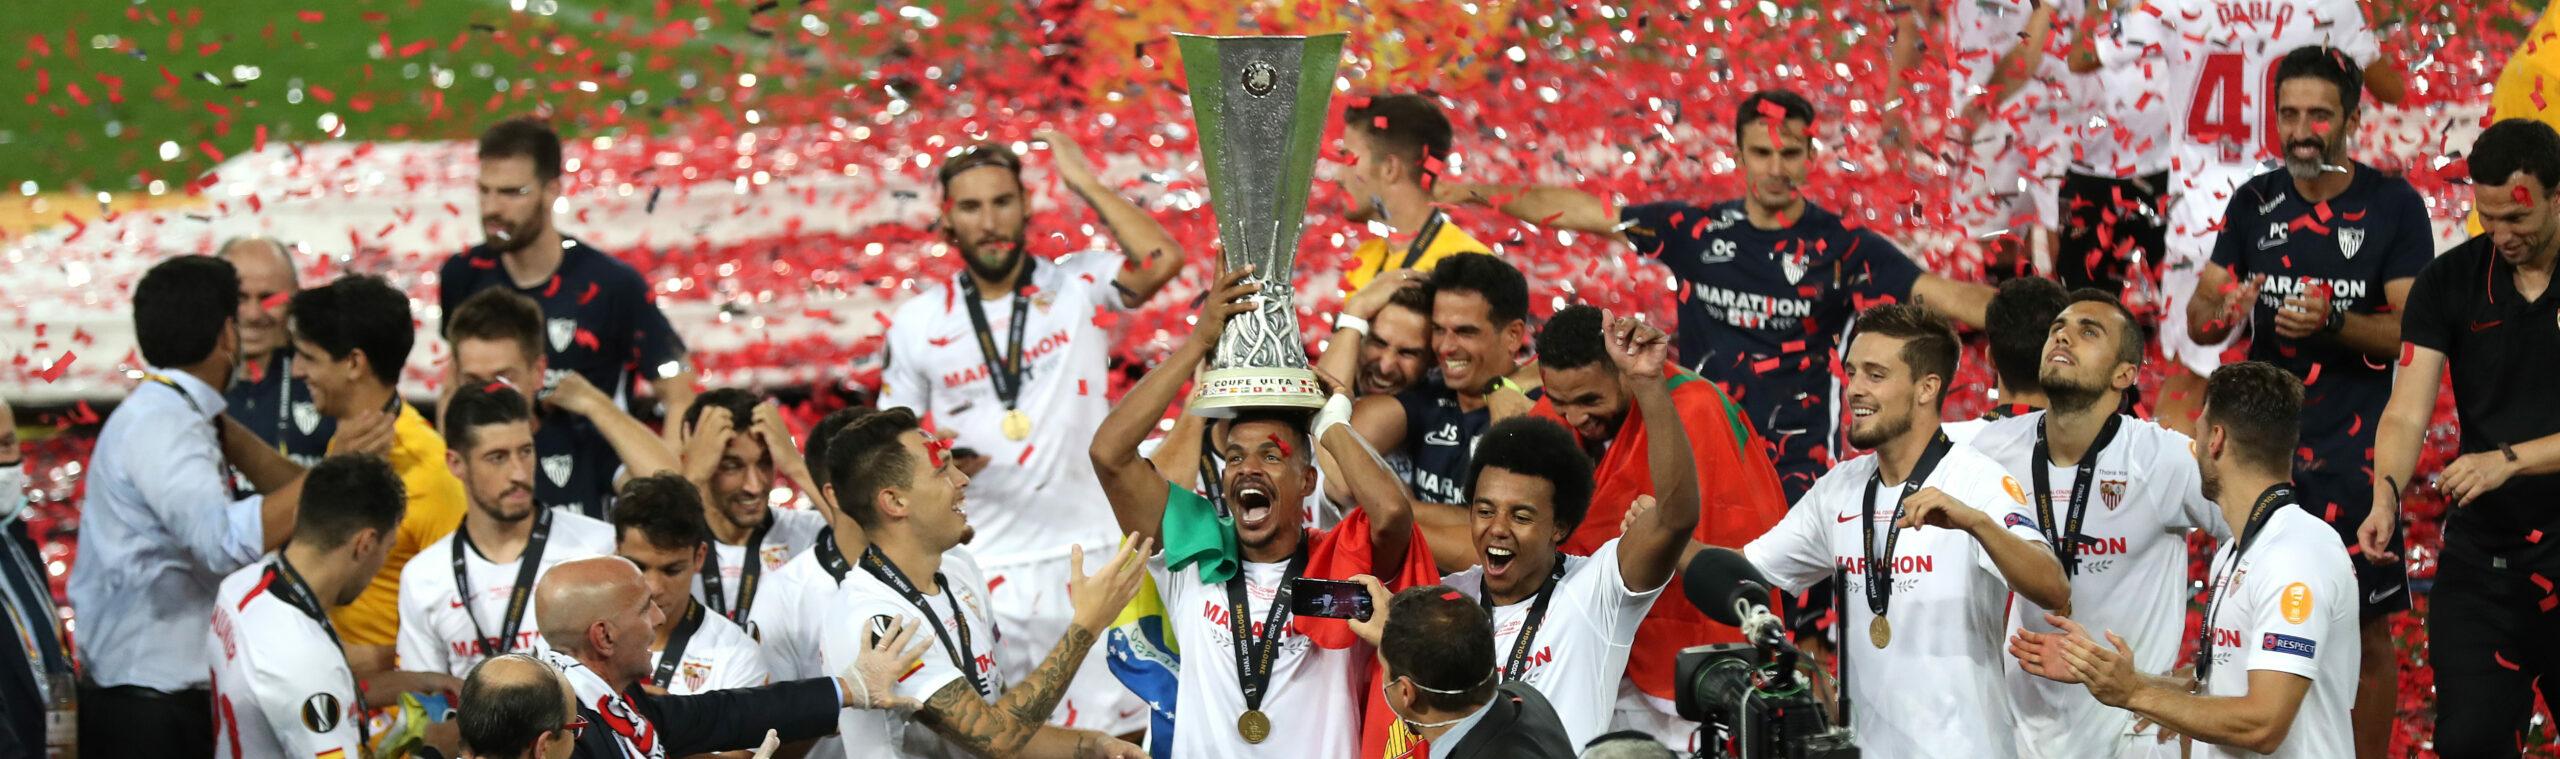 Quote vincente Europa League 2020/21: Red Devils favoriti, Villarreal col fattore-Emery